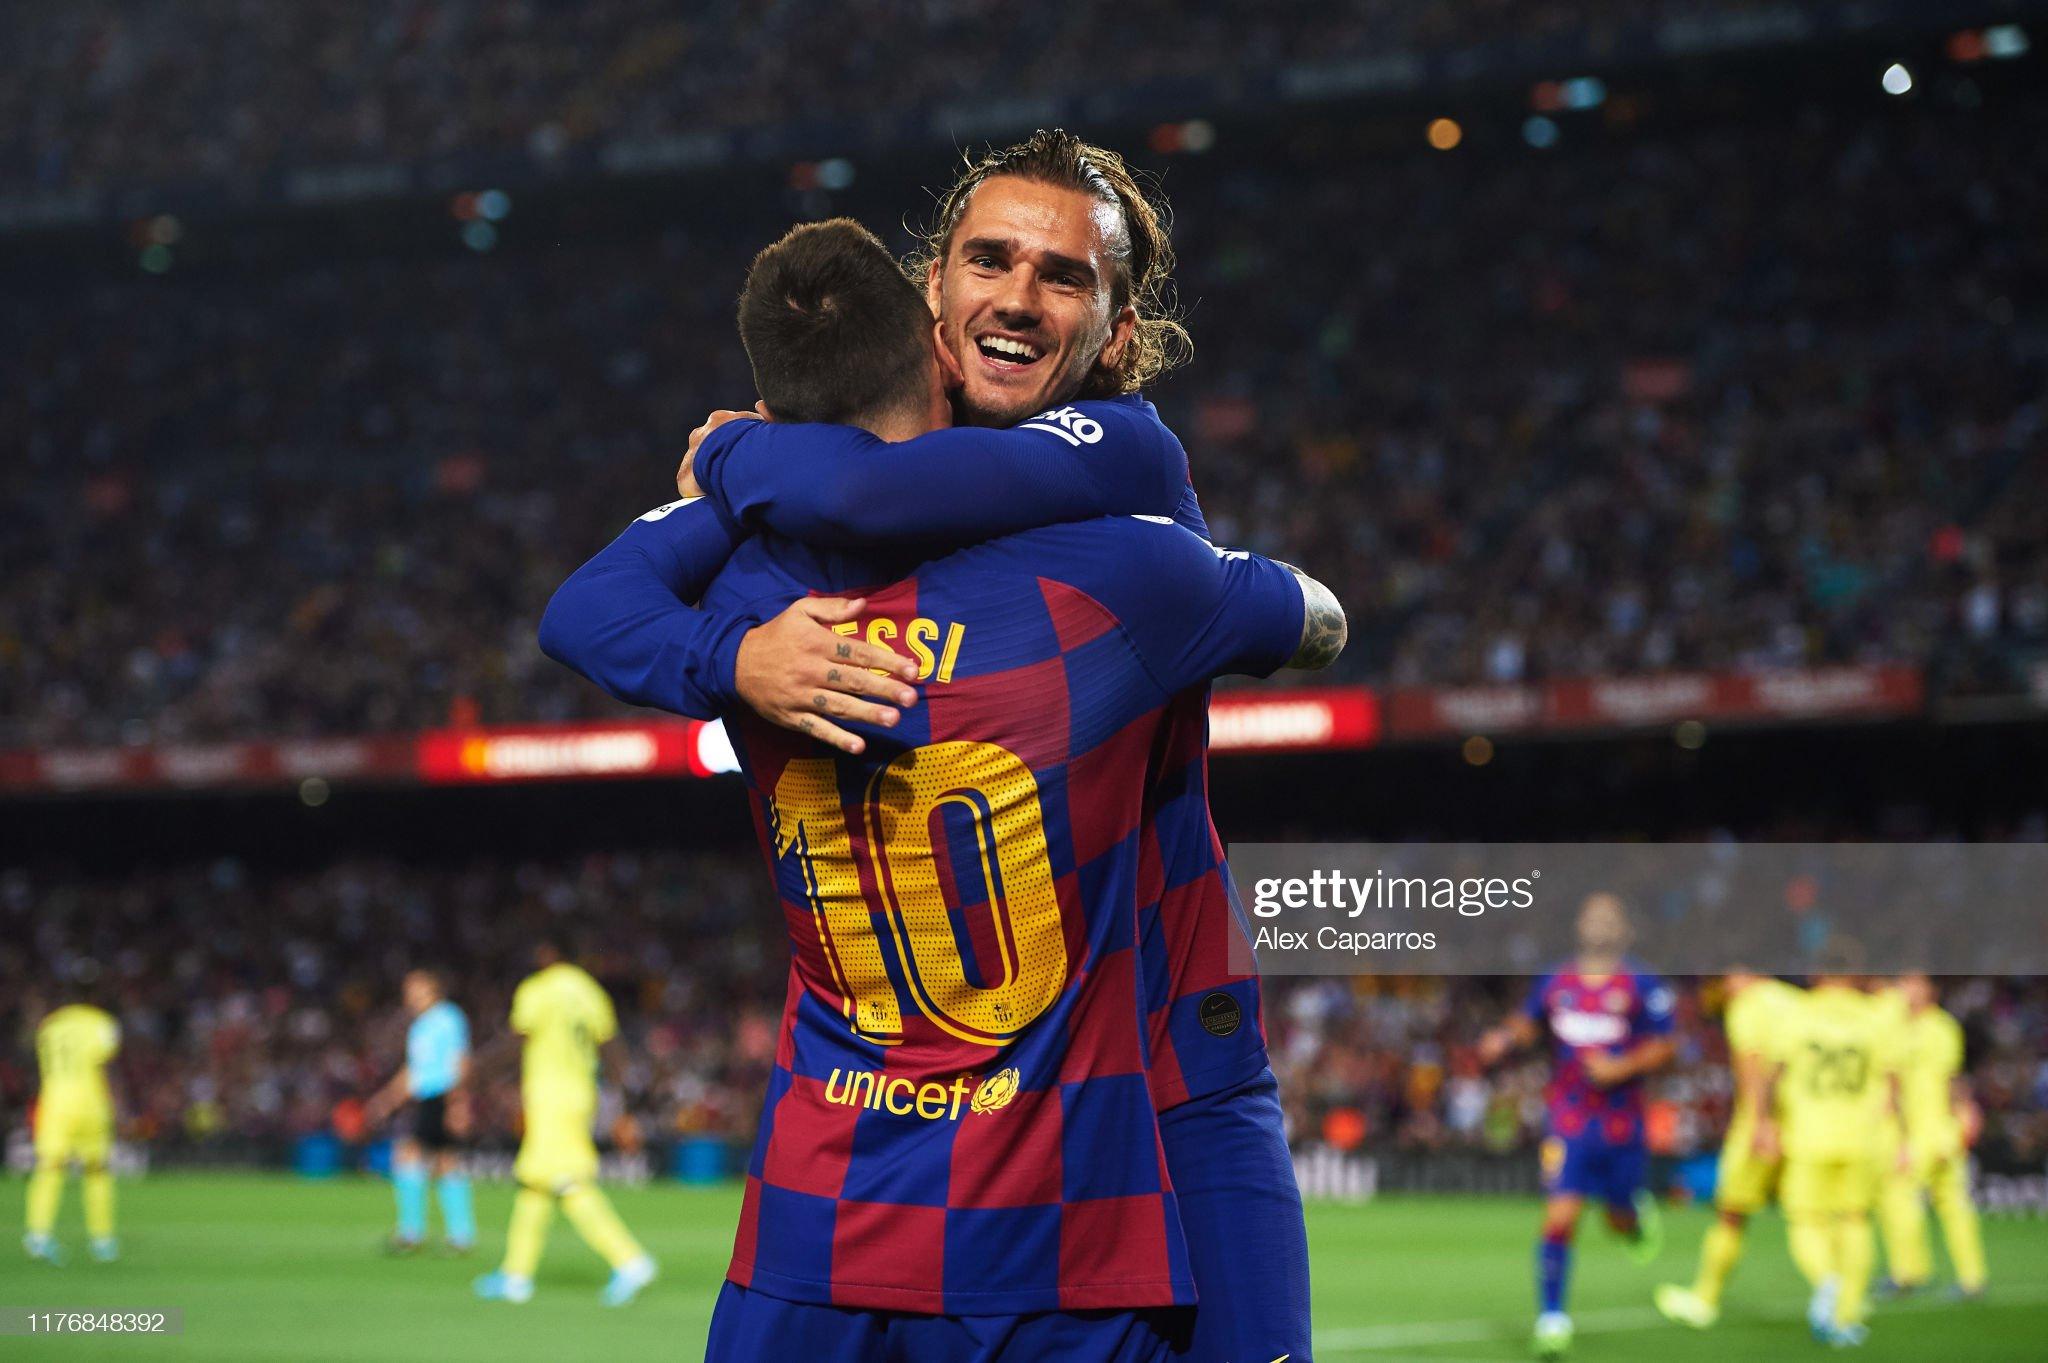 صور مباراة : برشلونة - فياريال 2-1 ( 24-09-2019 )  Antoine-griezmann-of-fc-barcelona-celebrates-with-his-teammate-lionel-picture-id1176848392?s=2048x2048